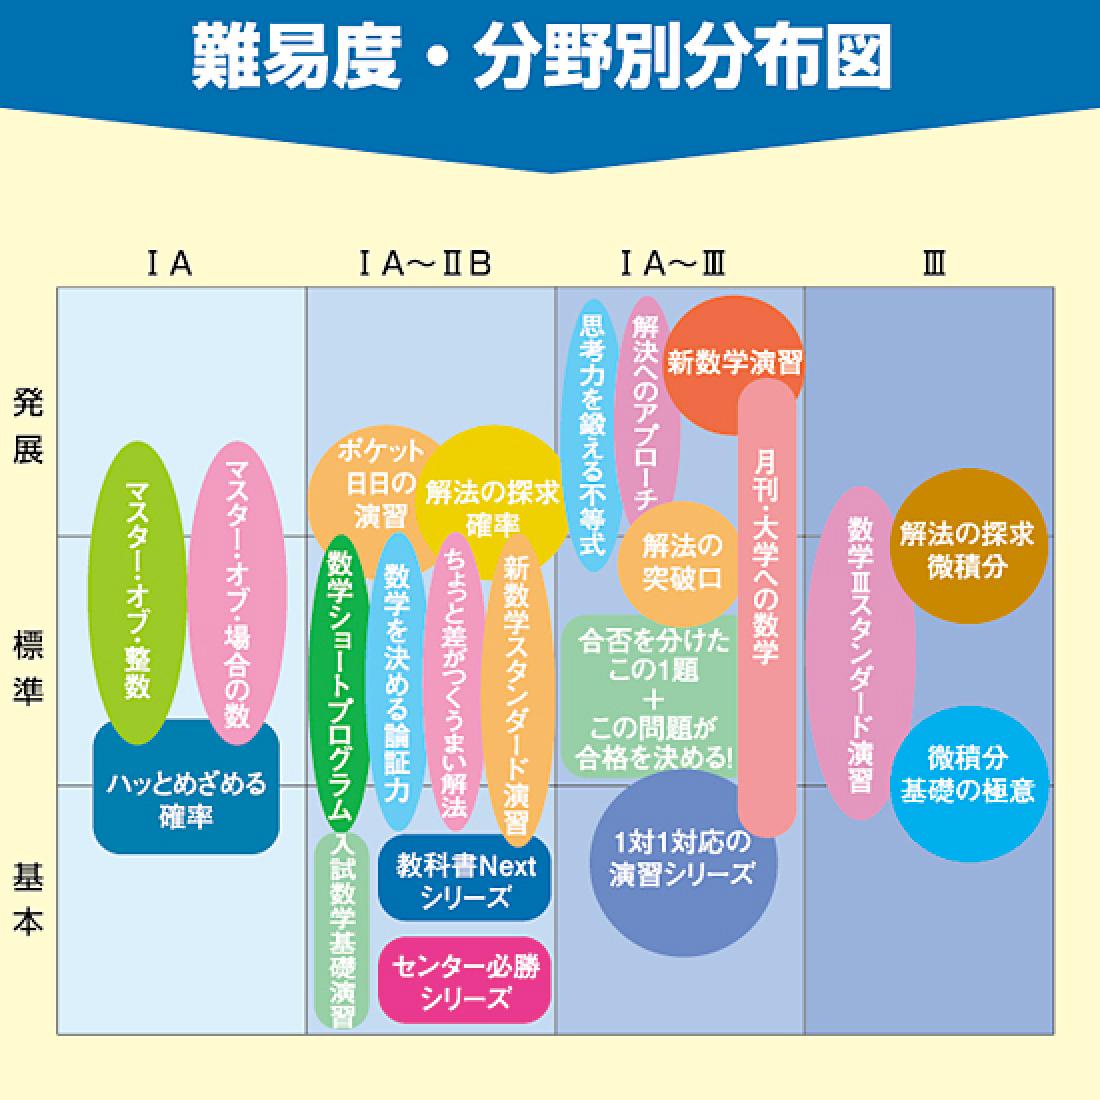 難易度・分野別分布図